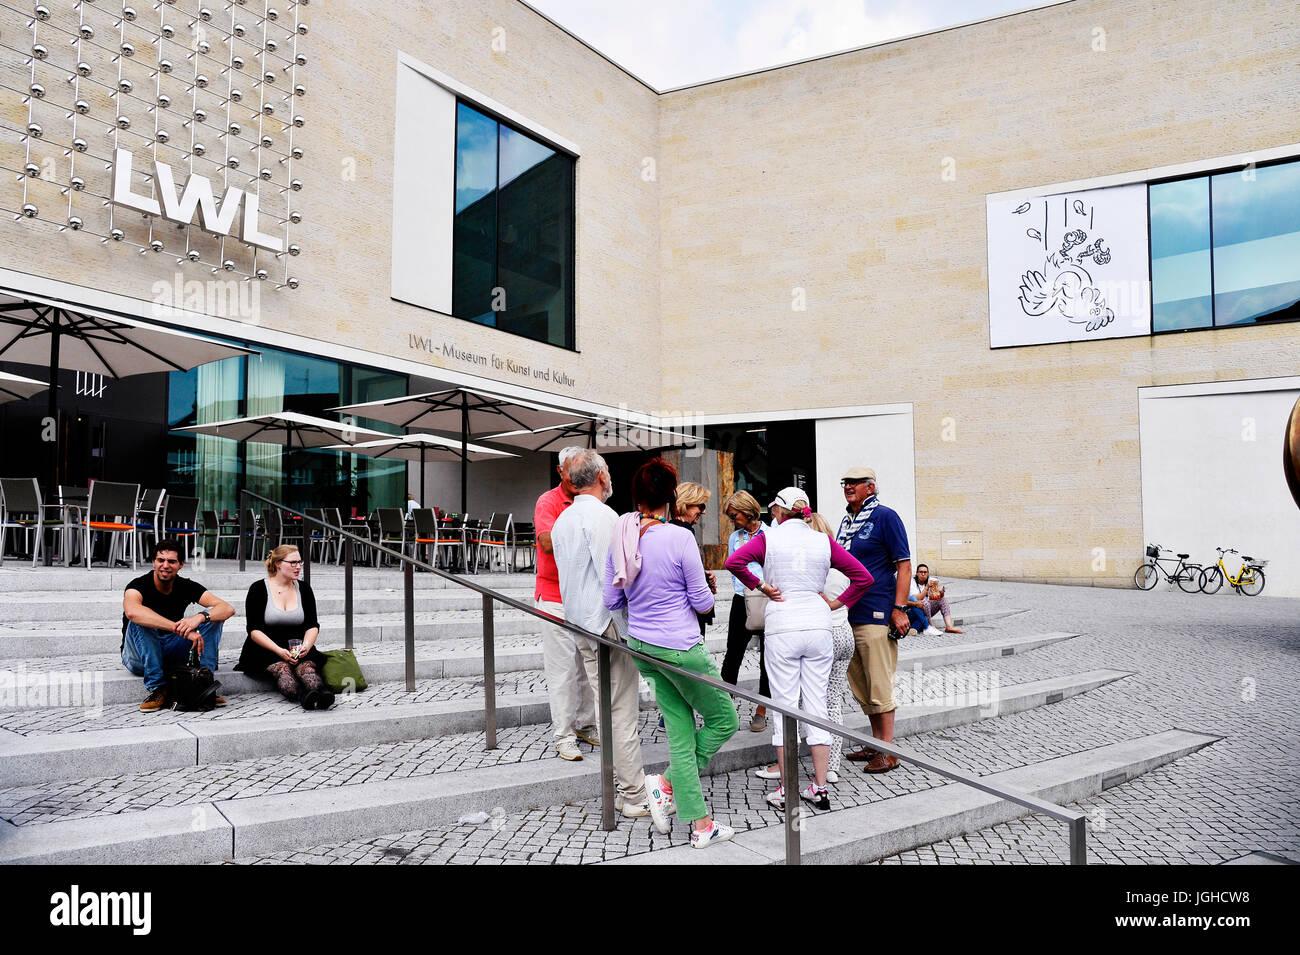 LWL-Museum in Munster, Deutschland Stockbild